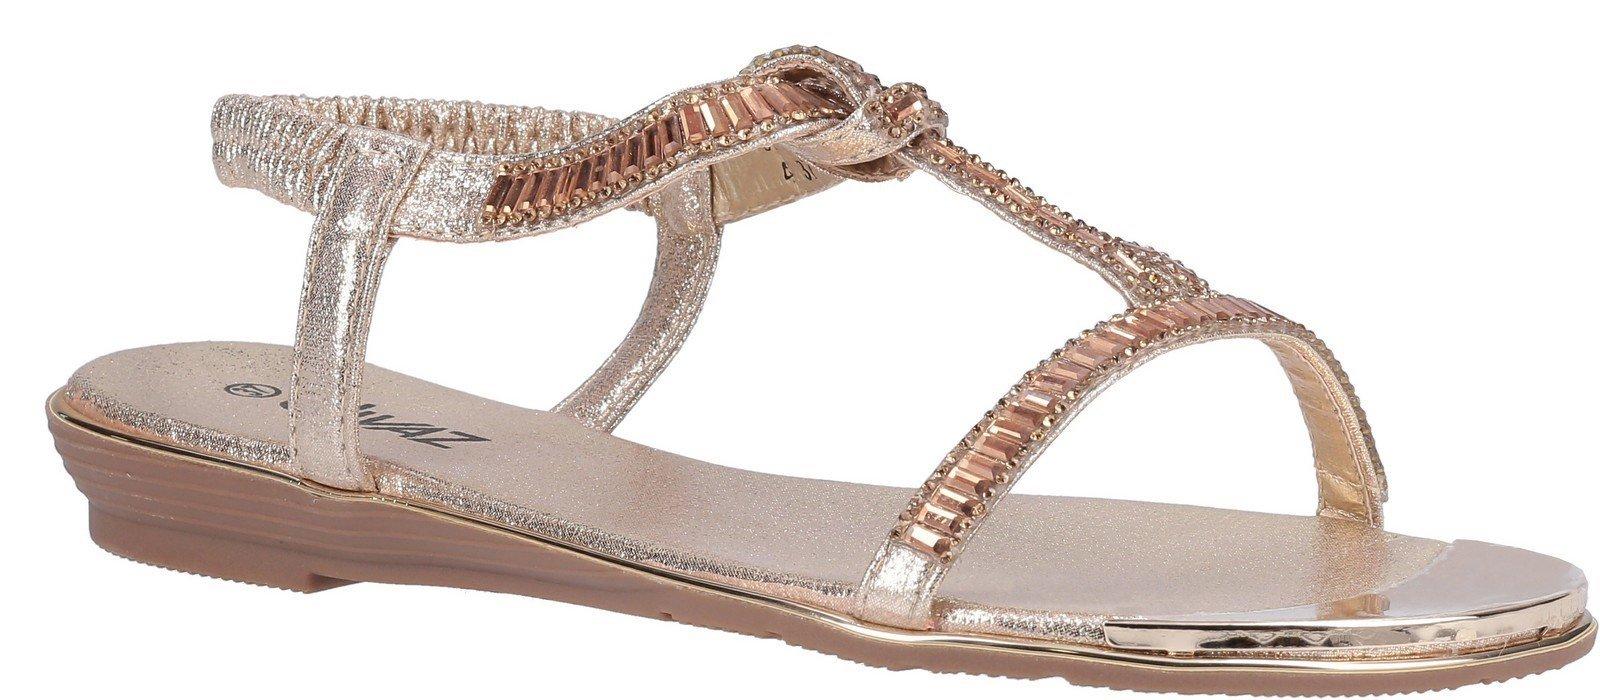 Divaz Women's Roxy Slip On Sandal Various Colours 30128 - Gold 3